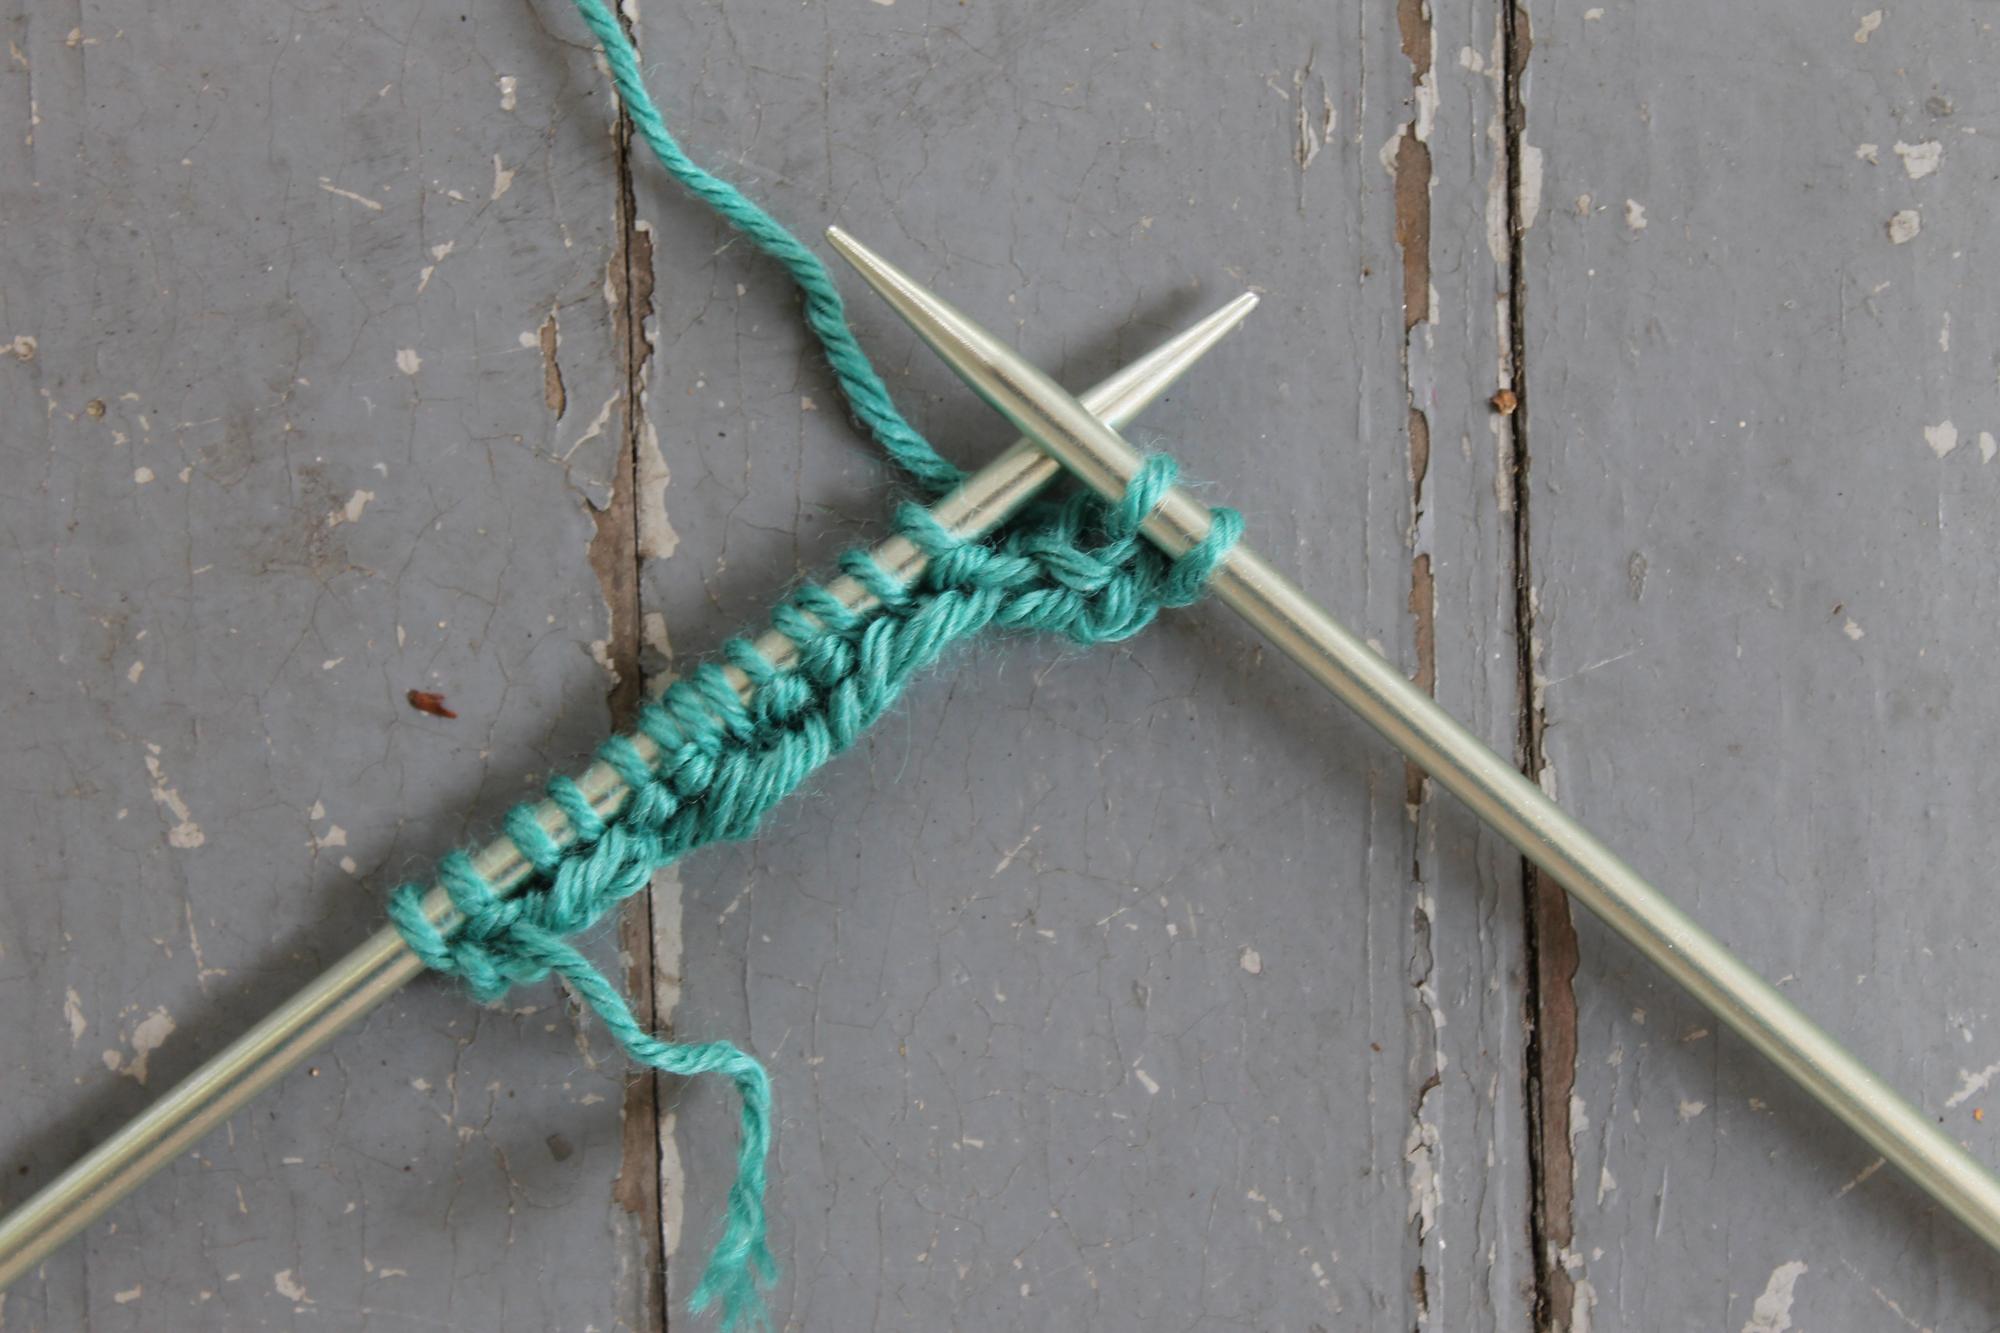 Knitting Row 2 of mistake rib stitch